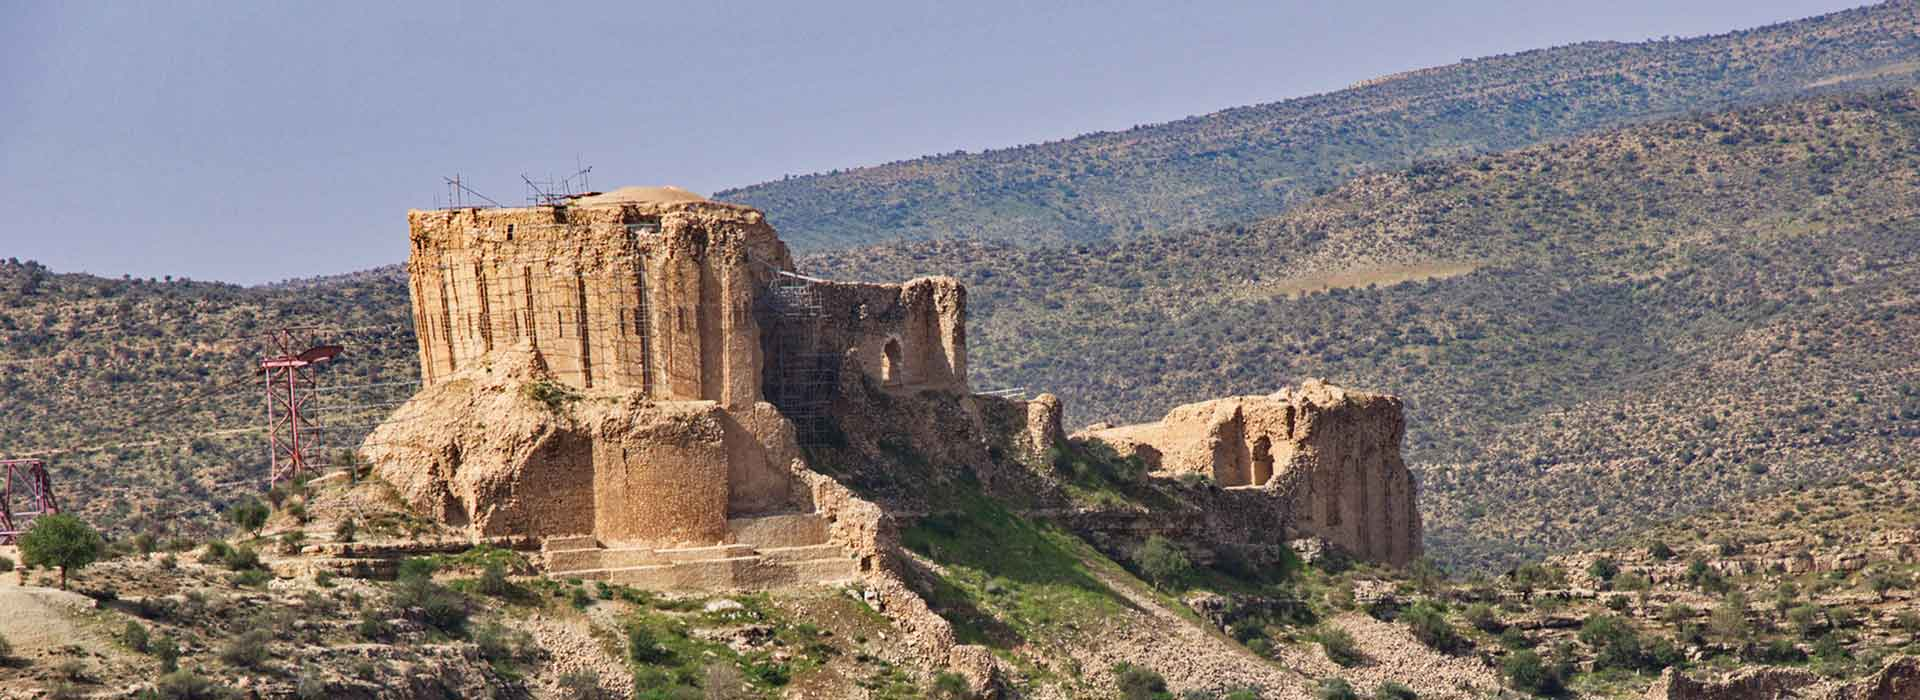 جاهای دیدنی فیروزآباد